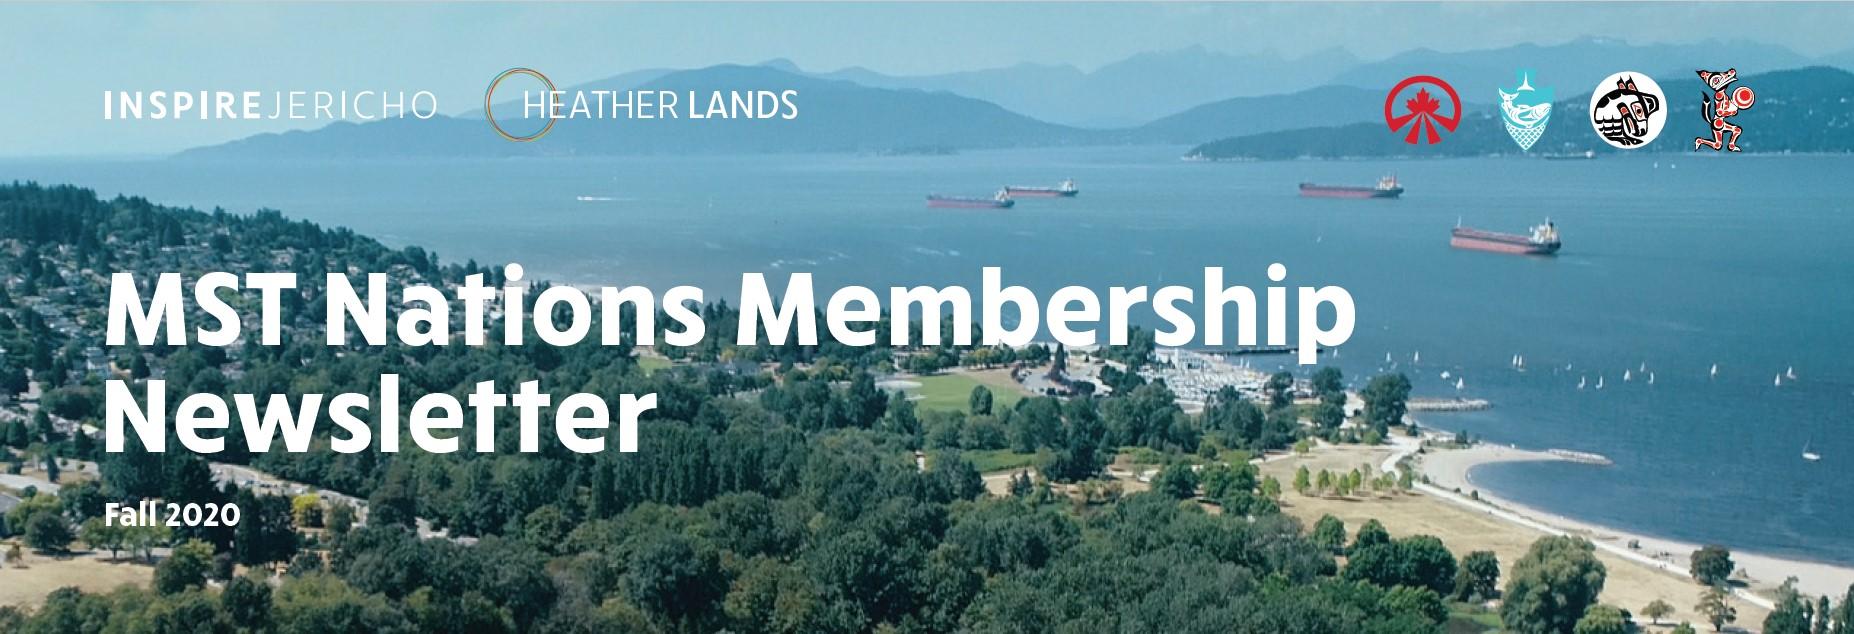 MST Nations Membership Newsletter Fall 2020